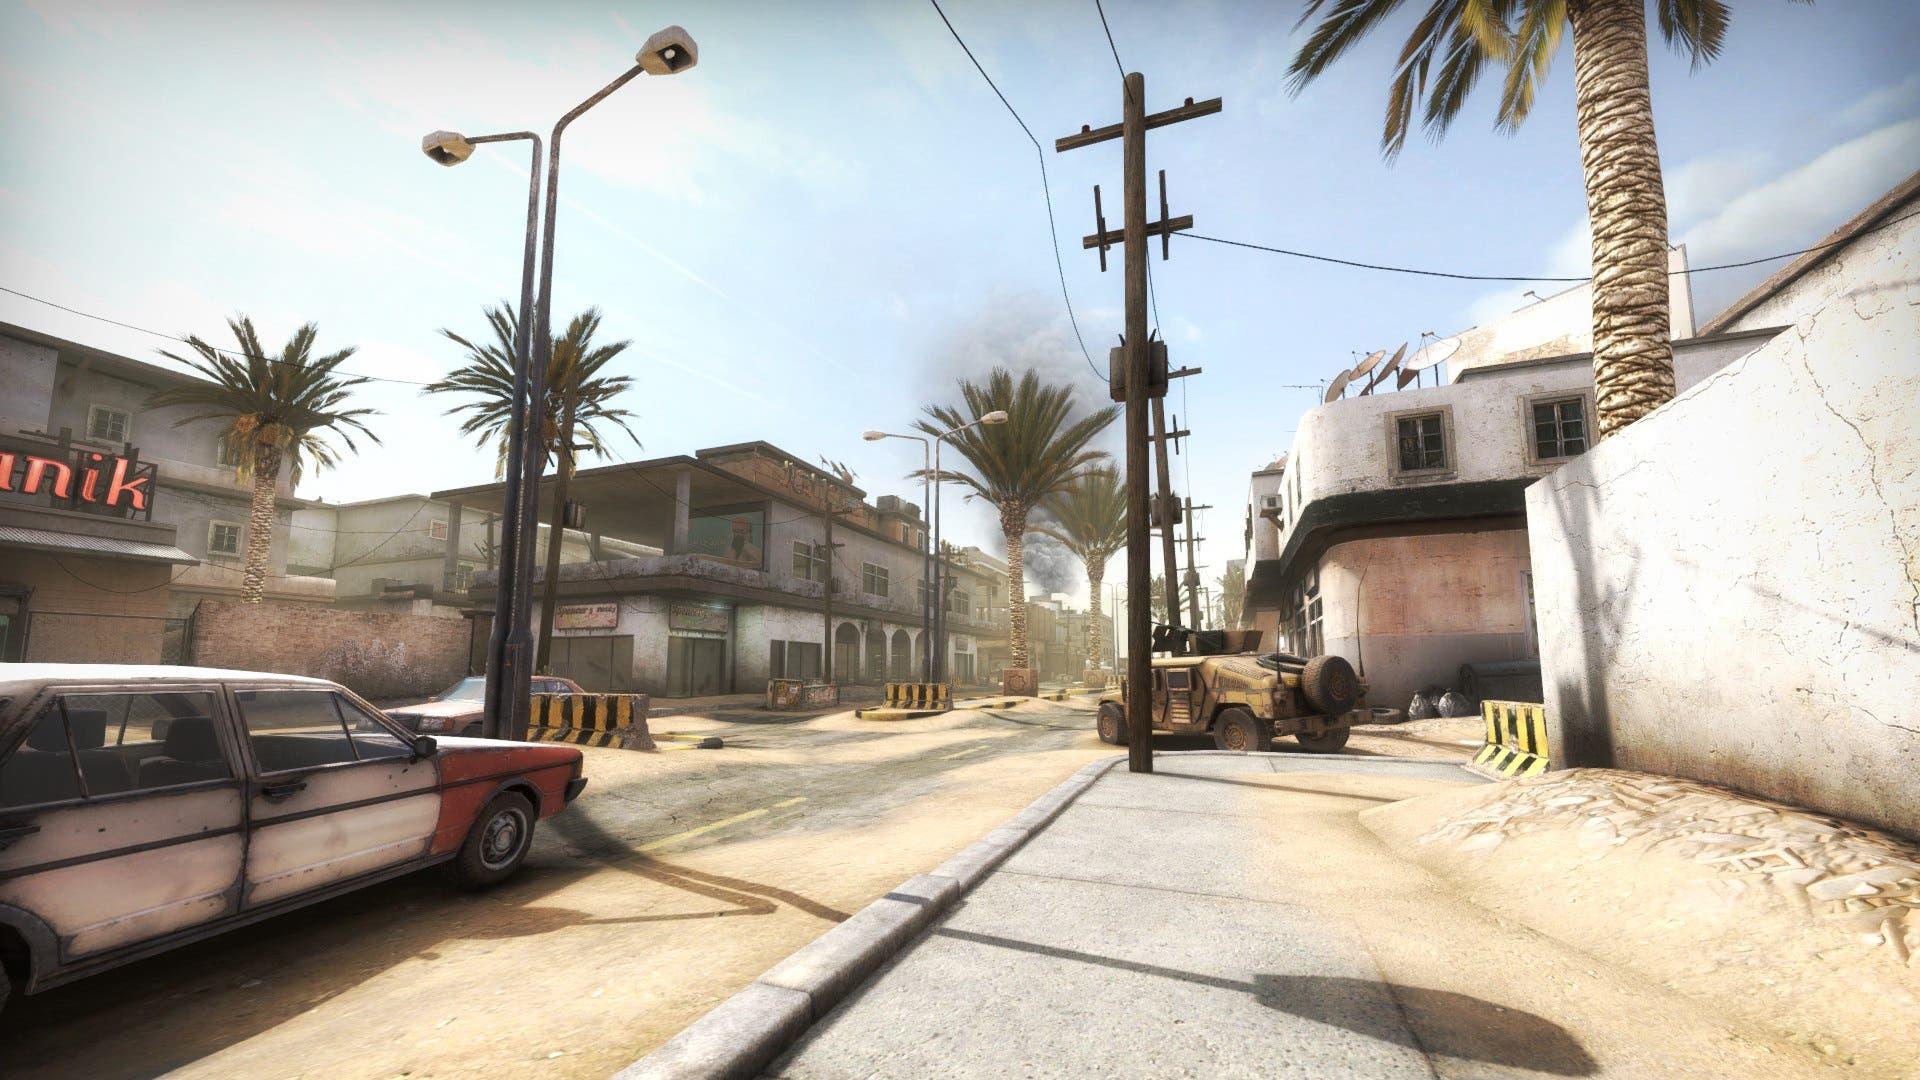 Imagen de Insurgency: Sandstorm confirma su fecha de lanzamiento en PlayStation 4 y Xbox One